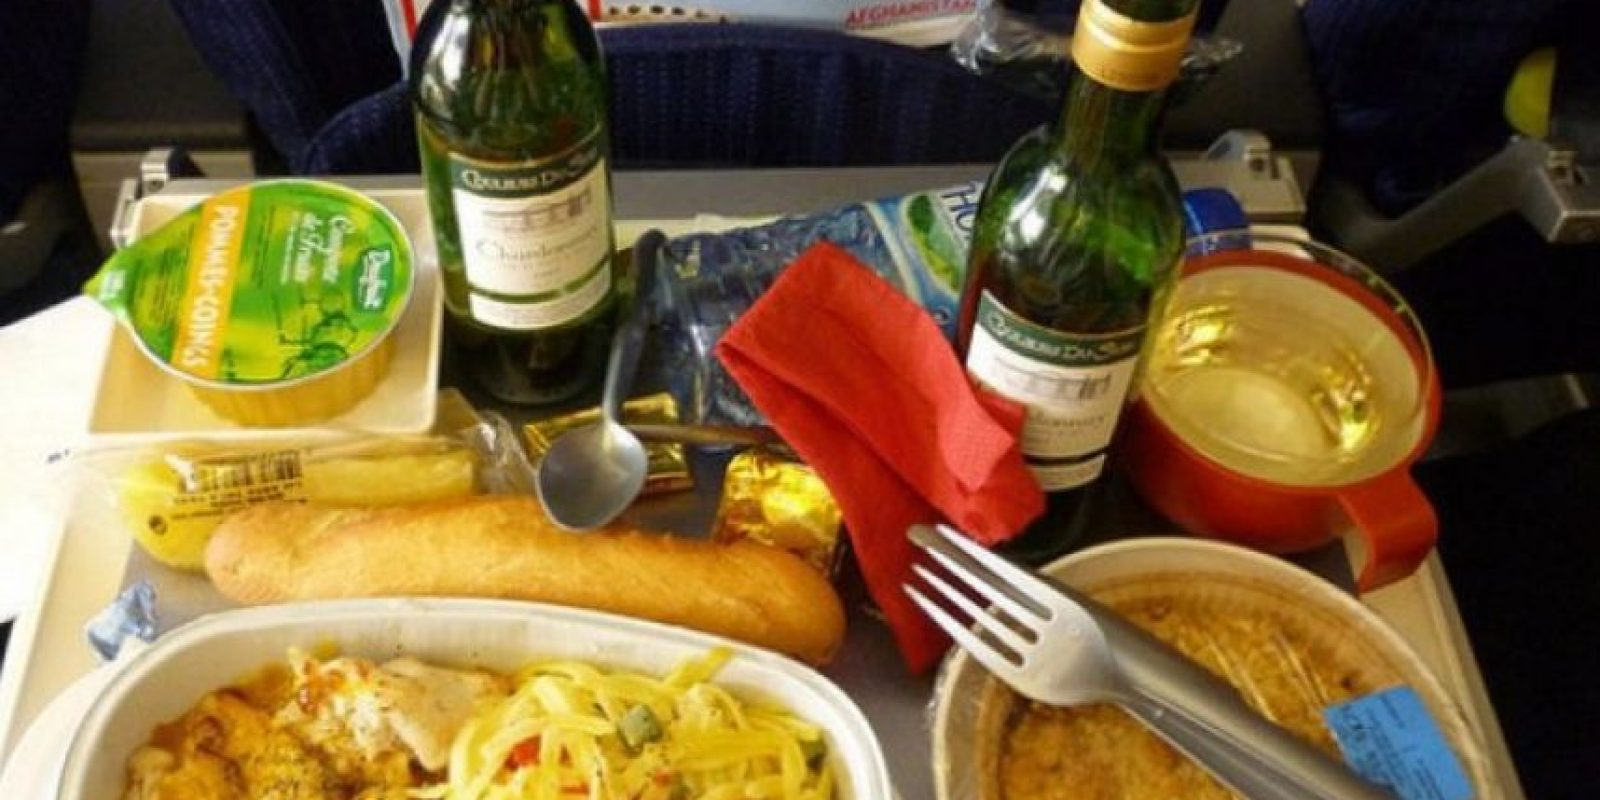 4. Pasta con pollo, pan y postre. Foto:Foto: Vía Flickr: mrmystery /Creative Commons